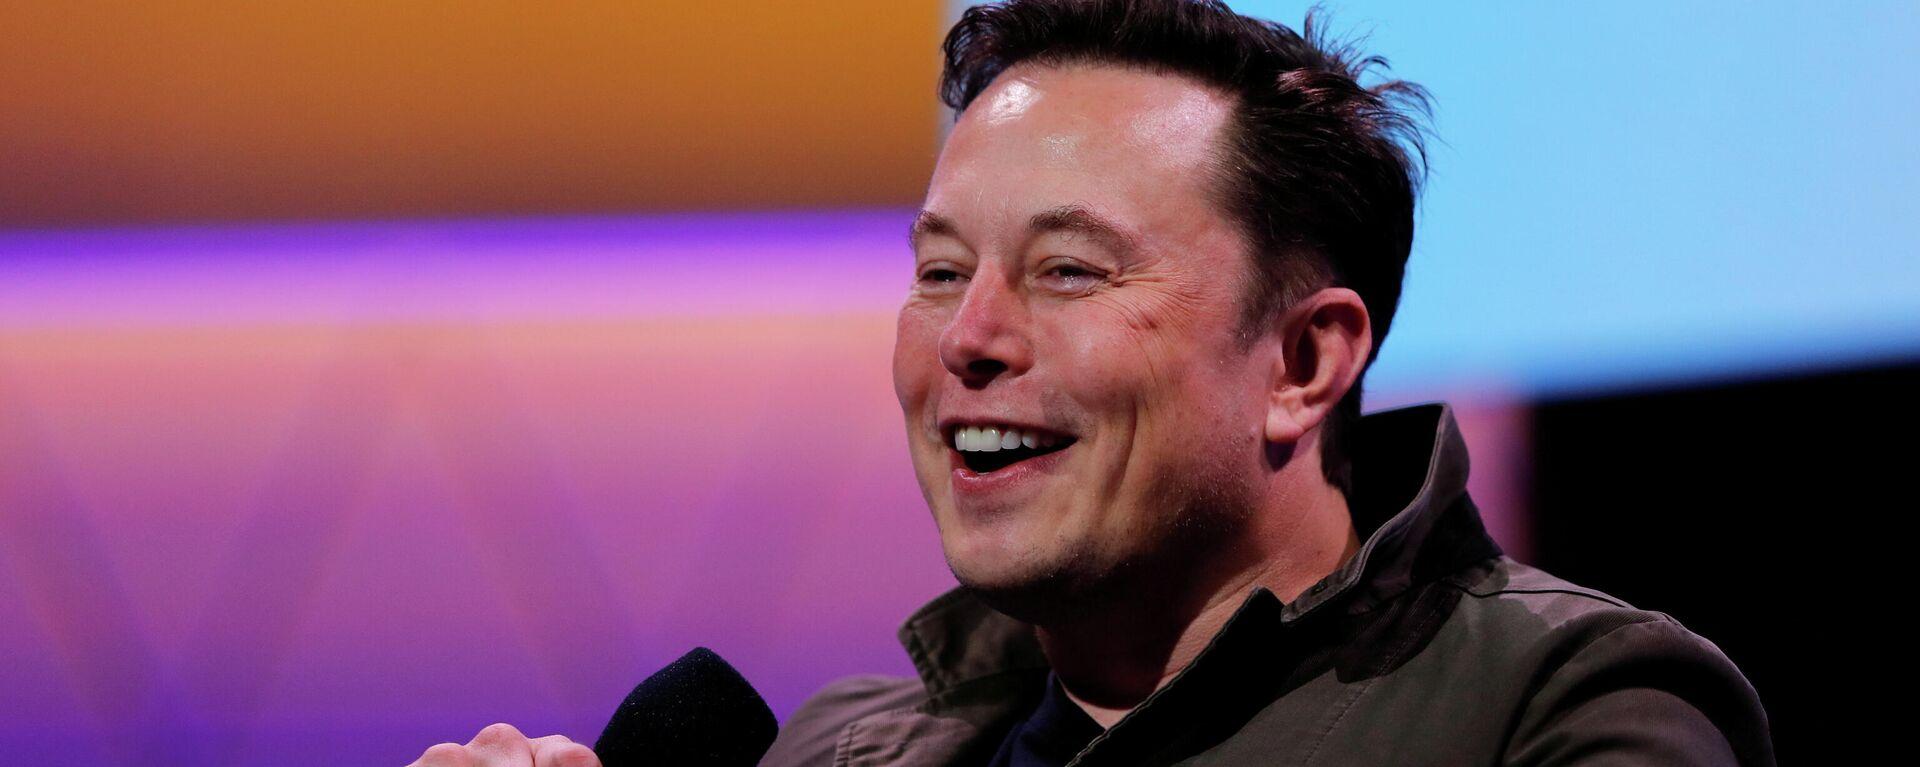 Elon Musk, director ejecutivo de Tesla - Sputnik Mundo, 1920, 09.06.2021